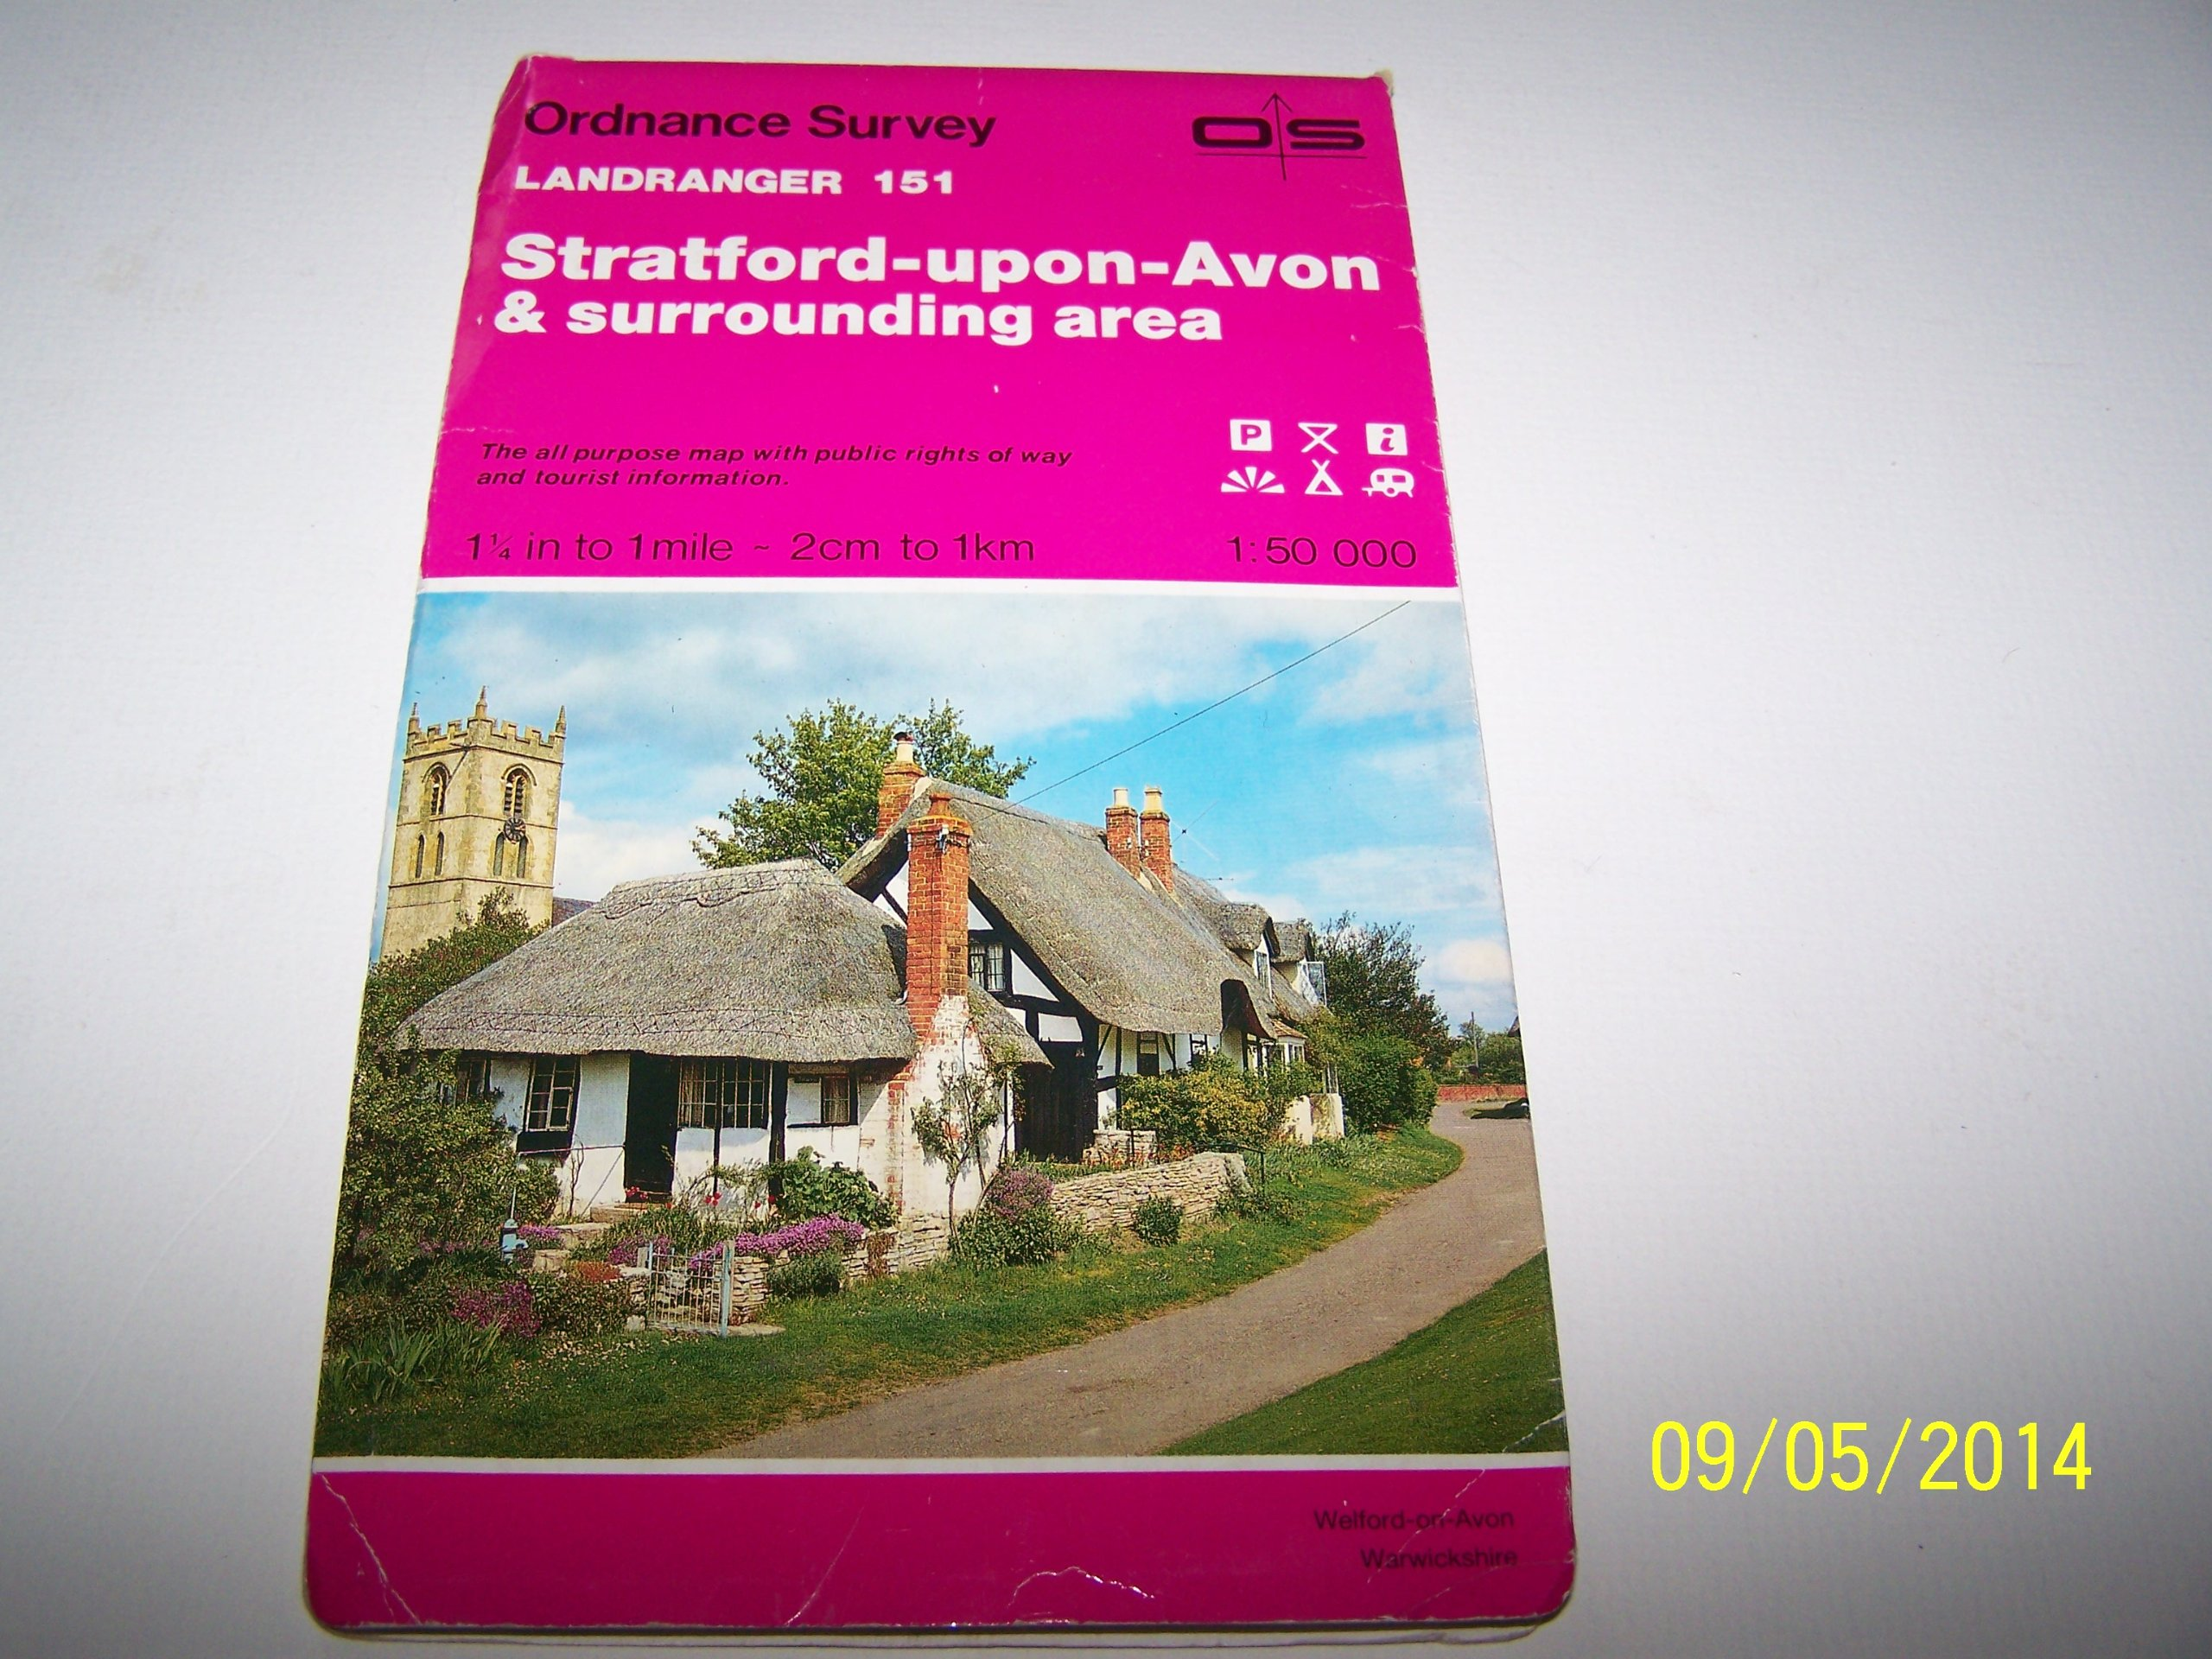 Landranger Maps Stratford Upon Avon And Surrounding Area Sheet 151 OS Map Amazoncouk Ordnance Survey 9780319221518 Books